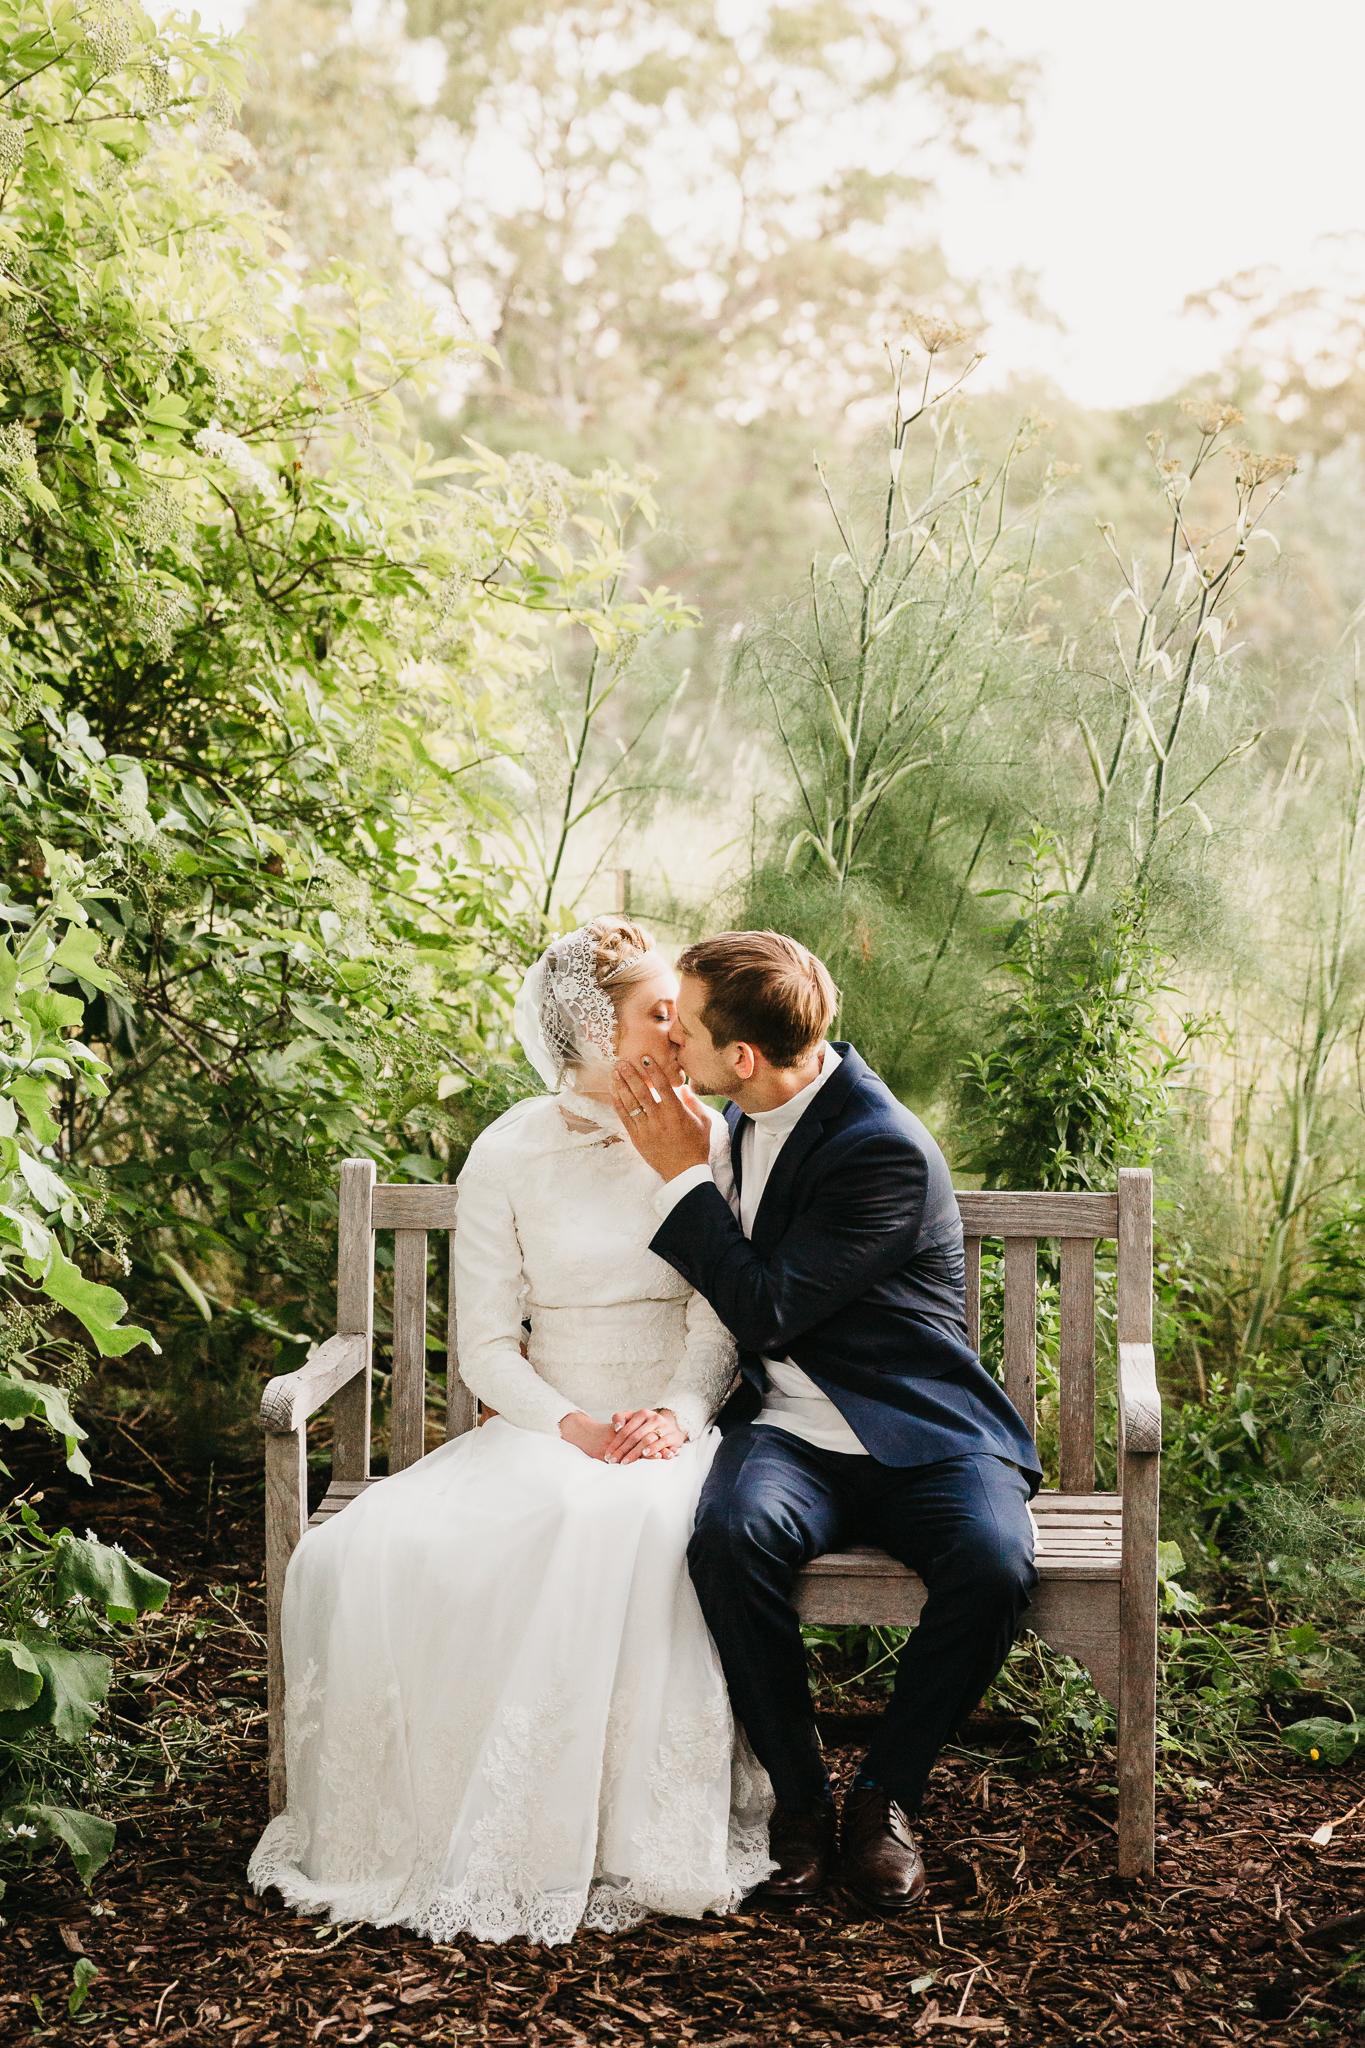 Jane Portnoff Photography: Adelaide Wedding Photography